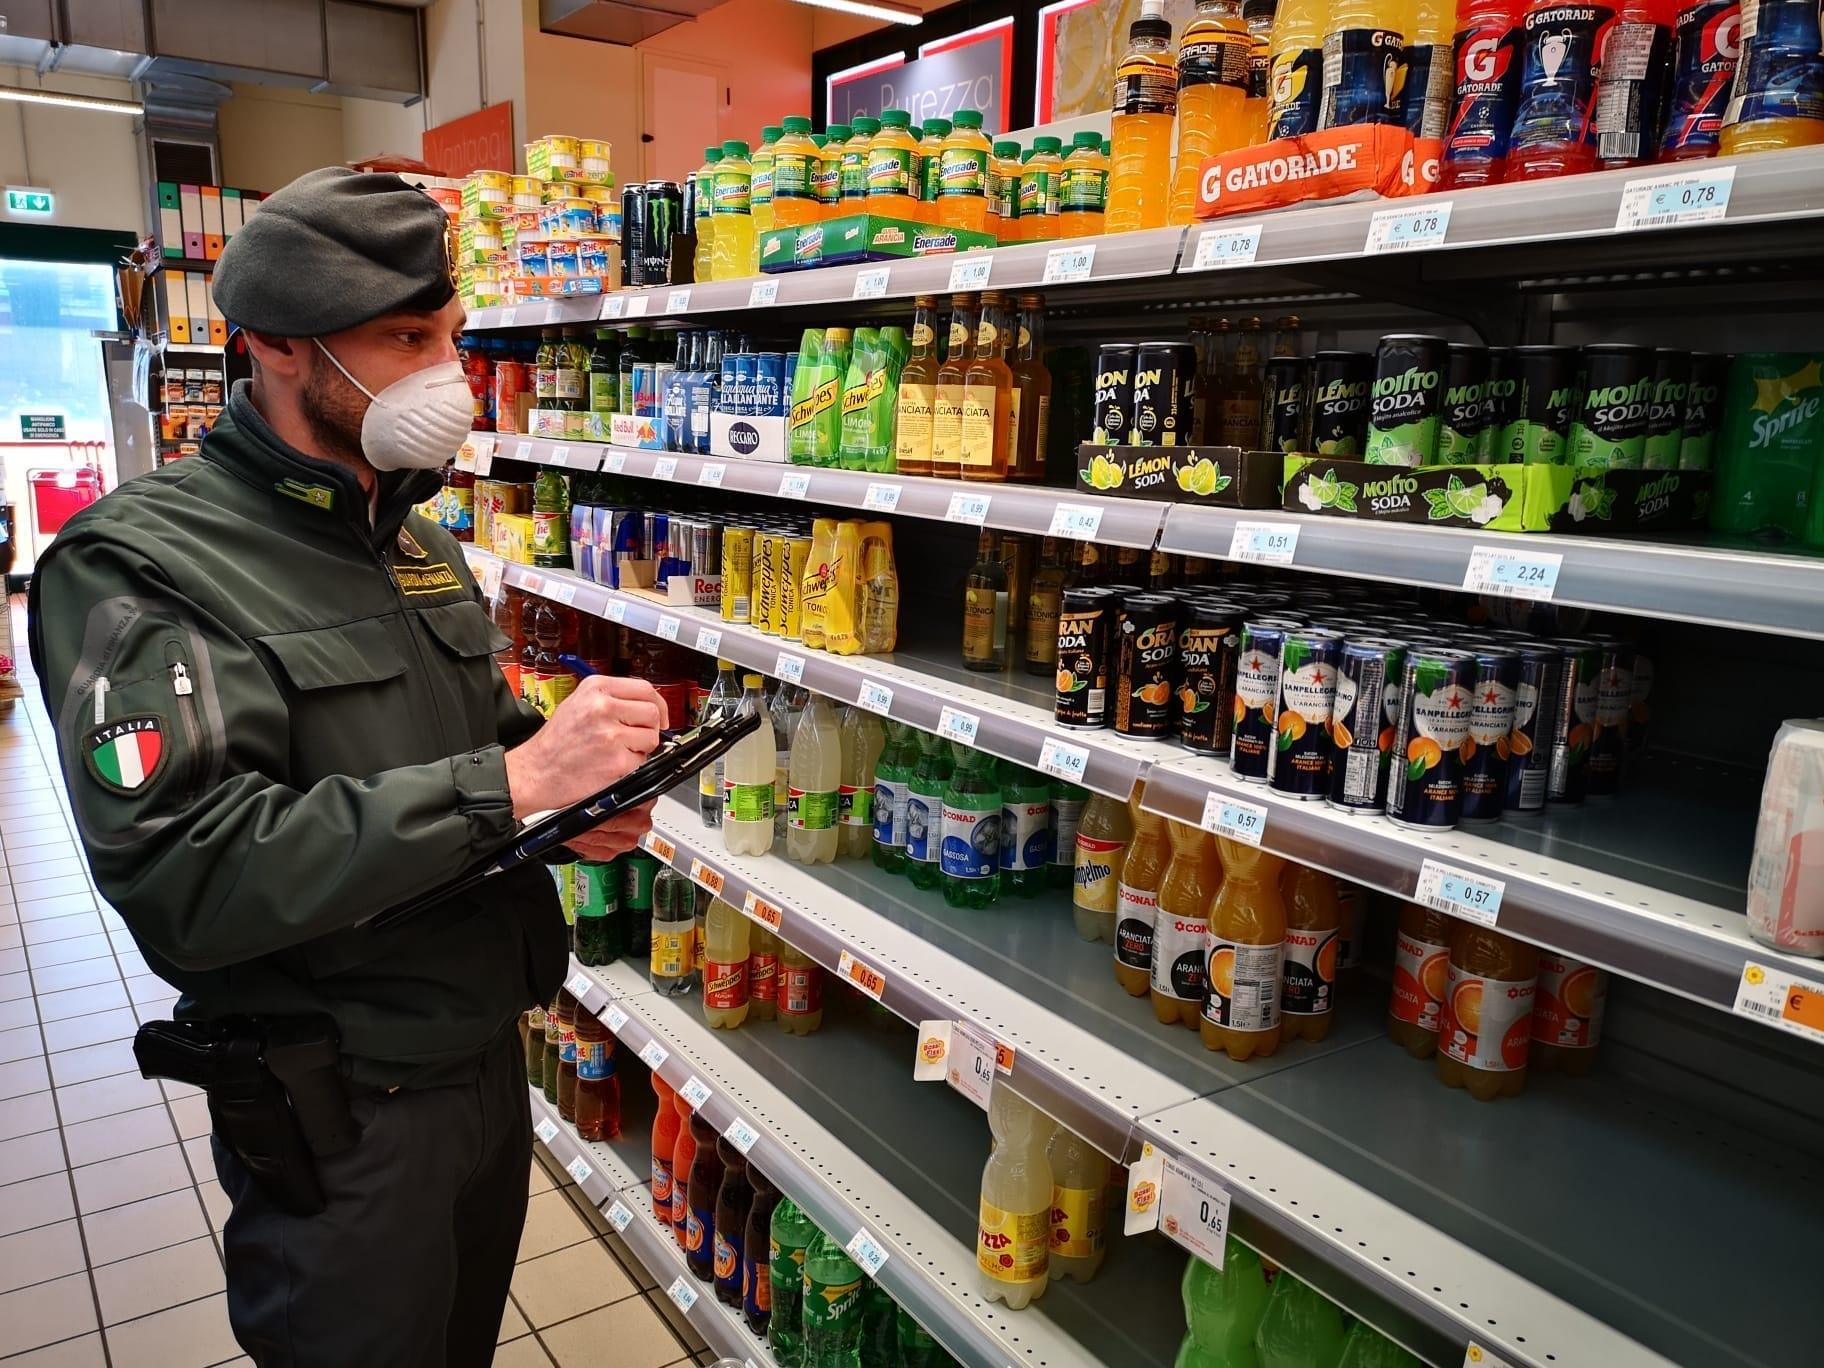 FAVRIA - Supermercato rincara i prezzi degli alimentari fino al 200%. La Guardia di Finanza denuncia il titolare